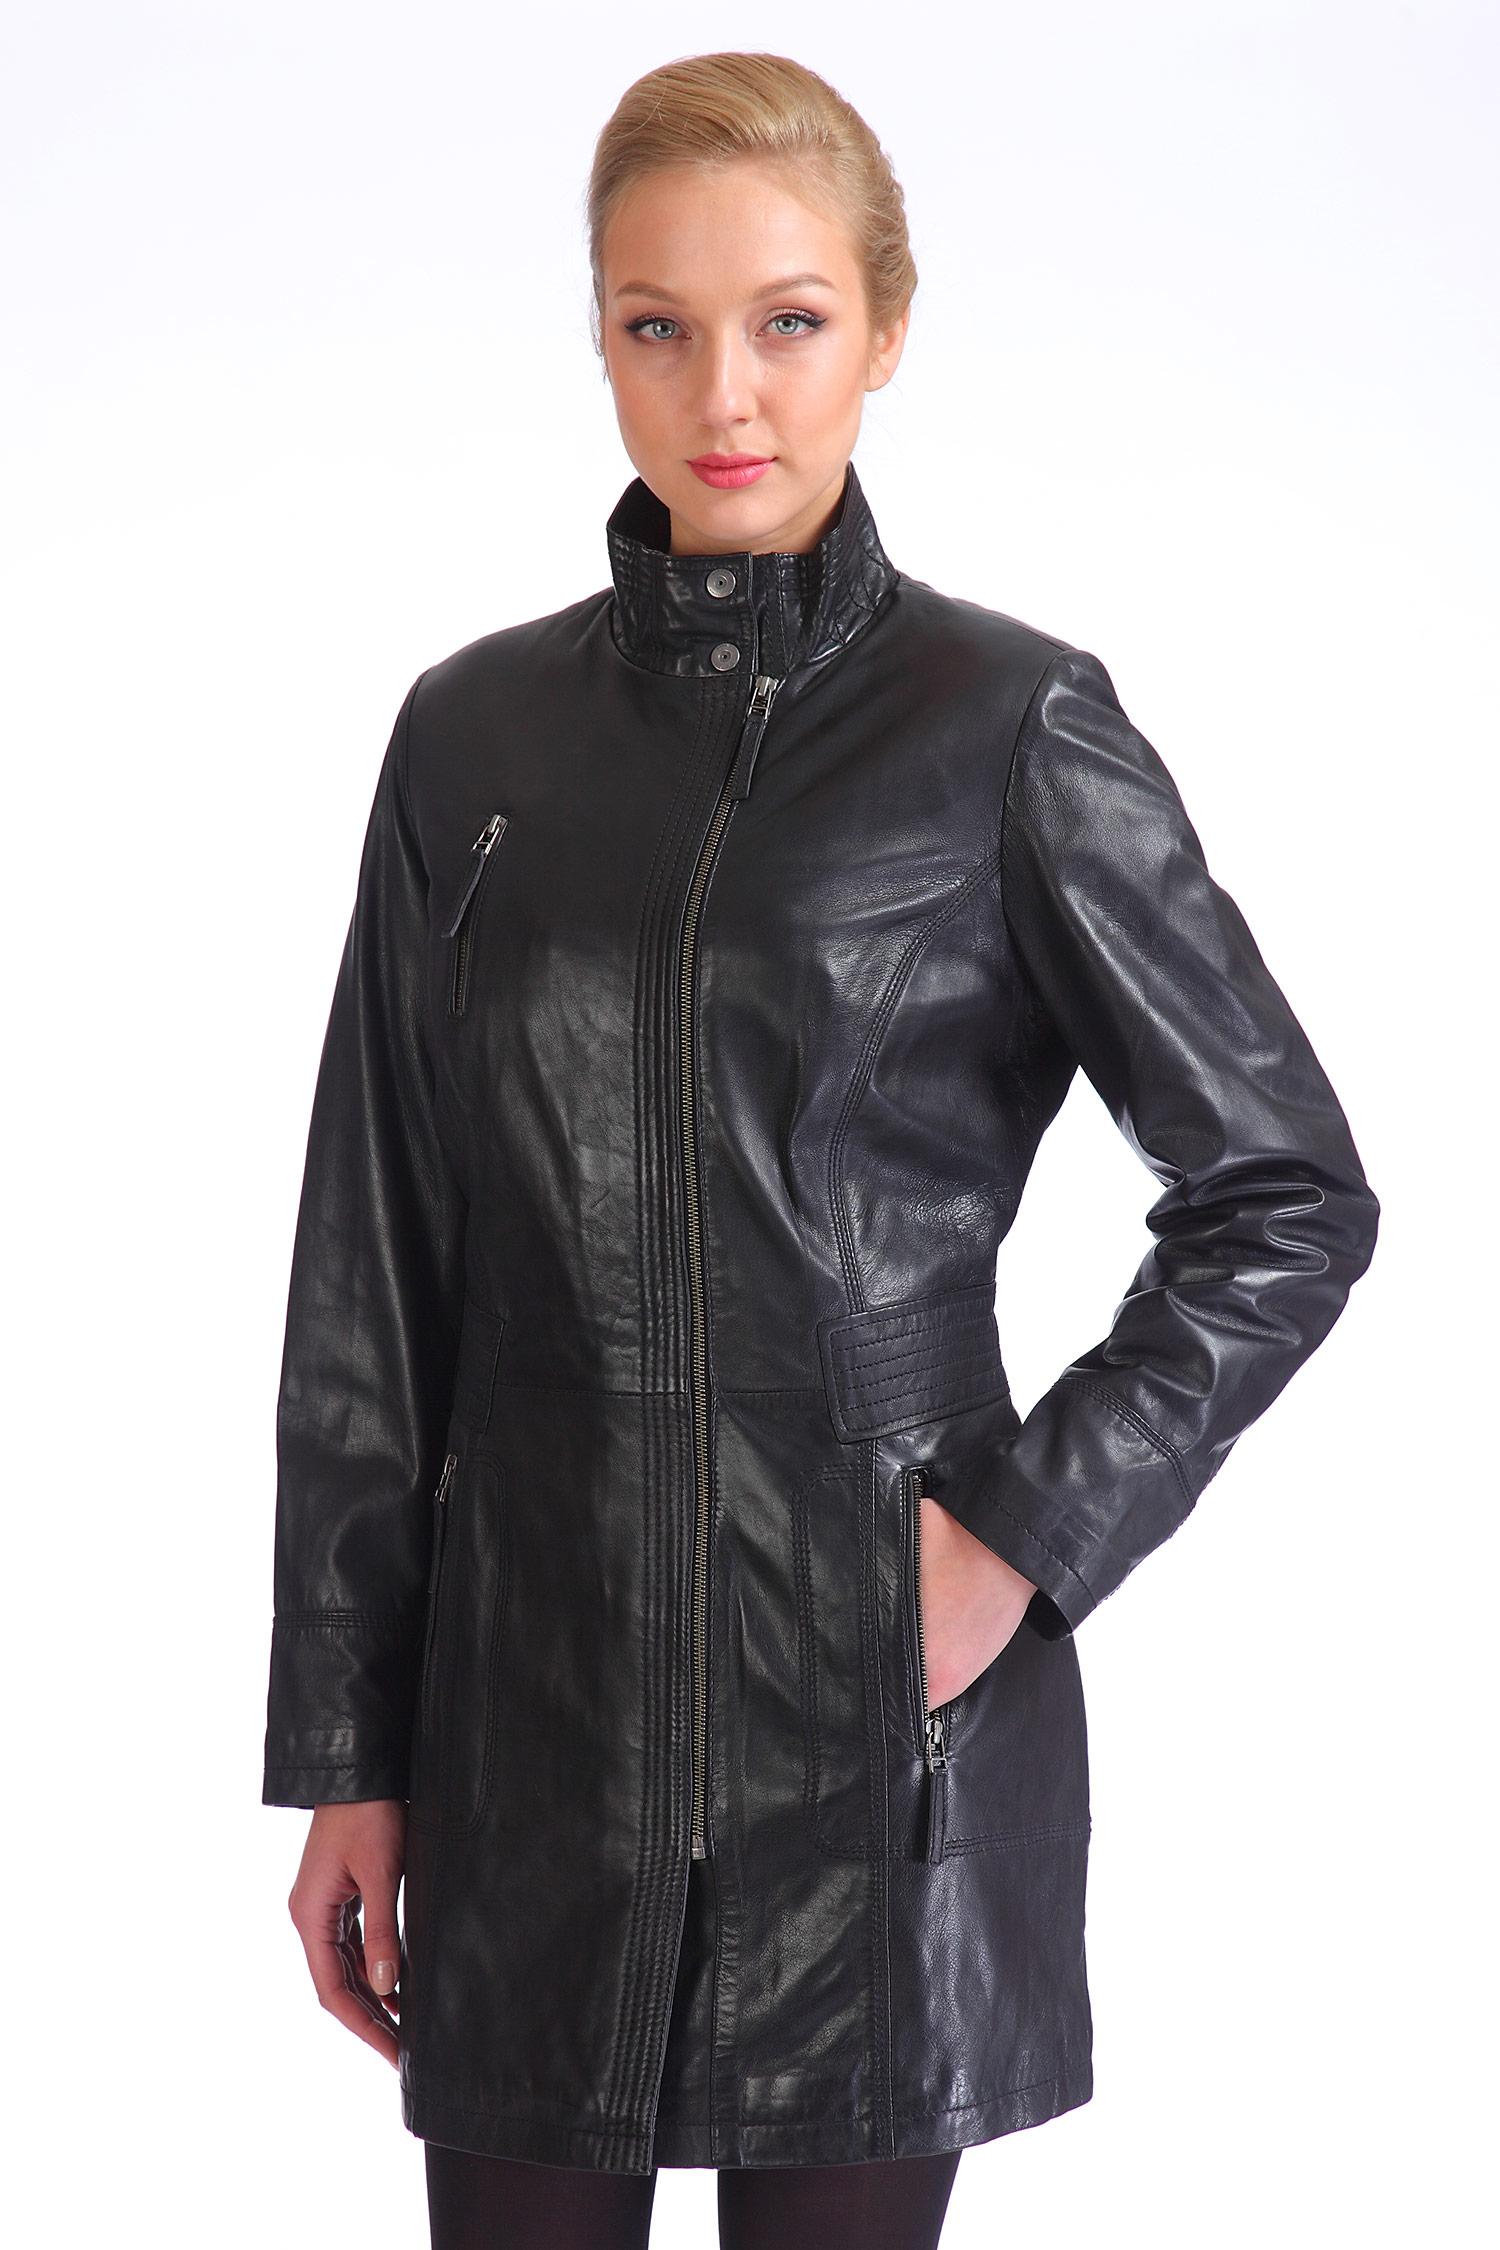 Женское кожаное пальто из натуральной кожи с воротником, без отделки<br><br>Воротник: стойка<br>Длина см: Средняя (75-89 )<br>Материал: Кожа овчина<br>Цвет: черный<br>Застежка: на молнии<br>Пол: Женский<br>Размер RU: 40-42